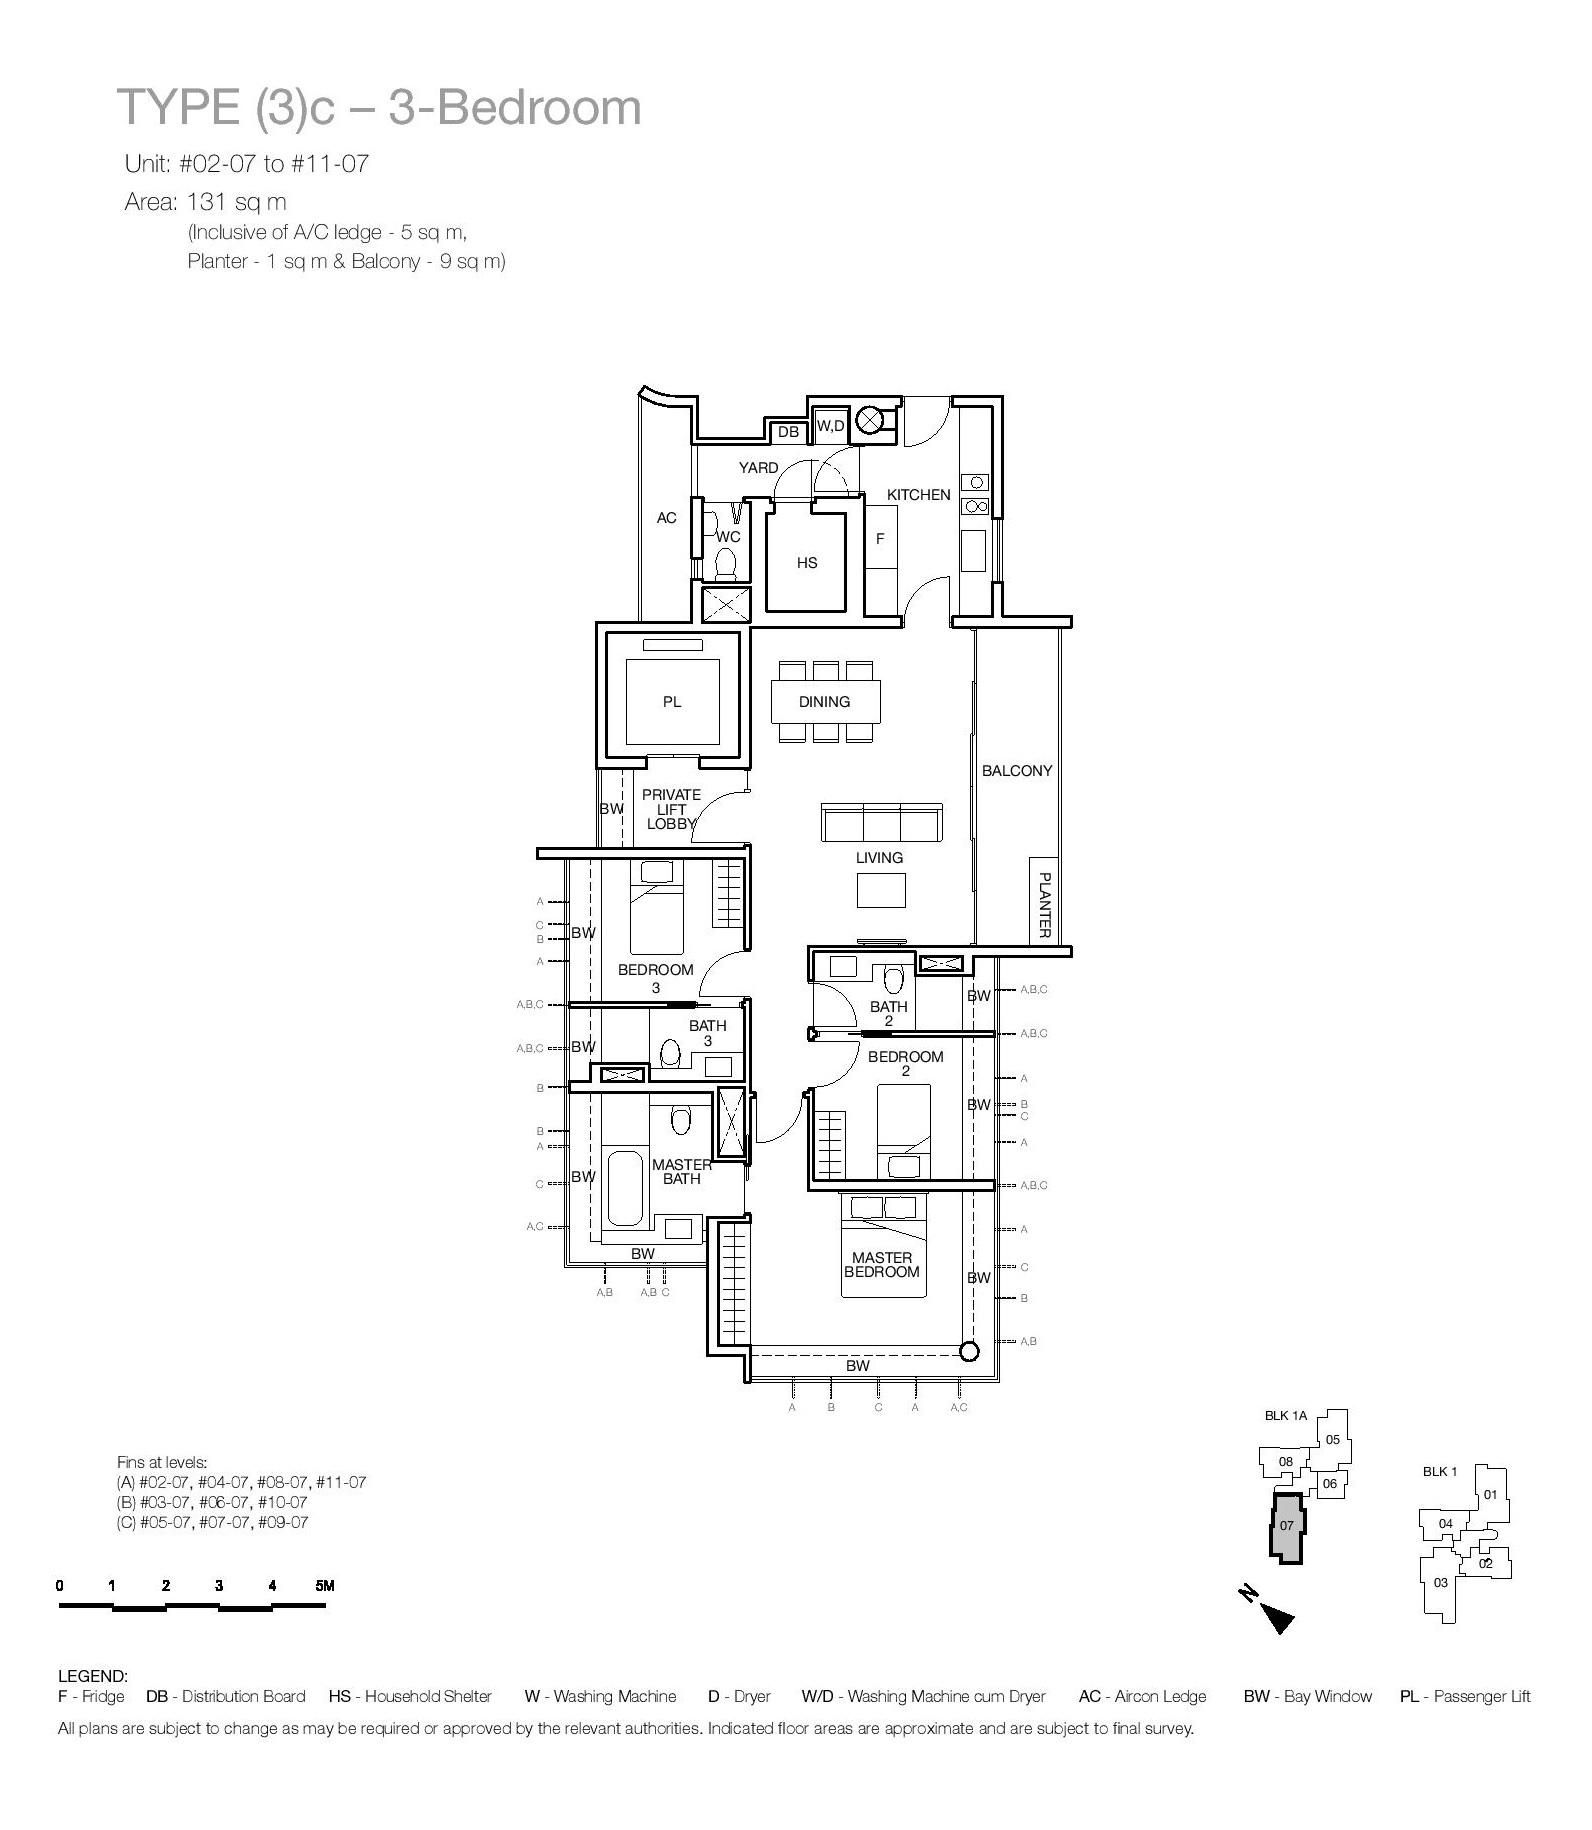 One Balmoral 3 Bedroom Floor Type (3)c Plans